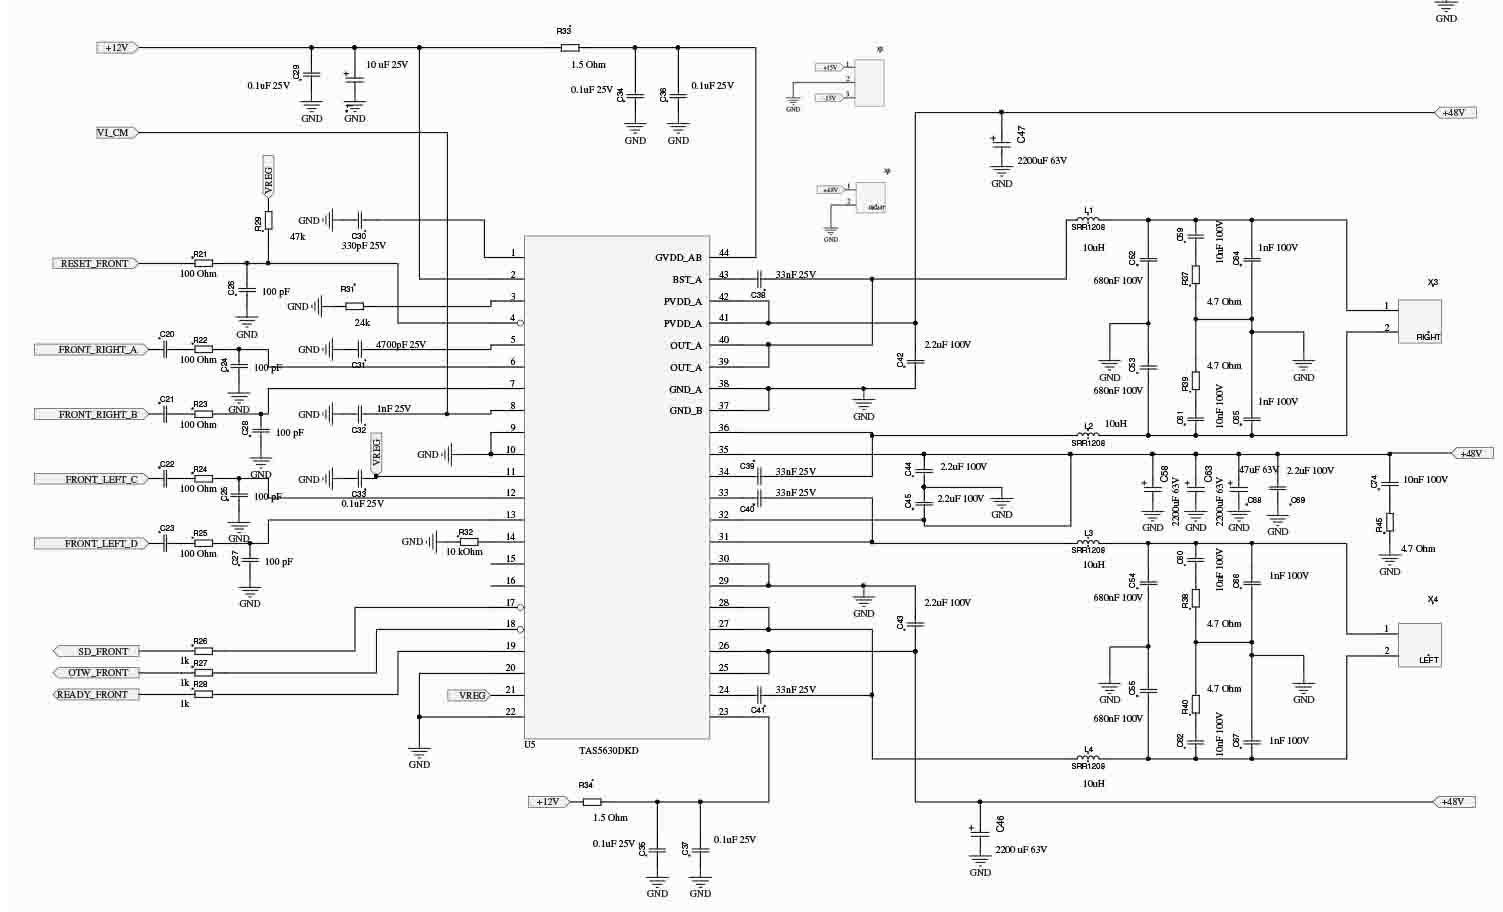 class d power amplifier circuit [ 1503 x 912 Pixel ]